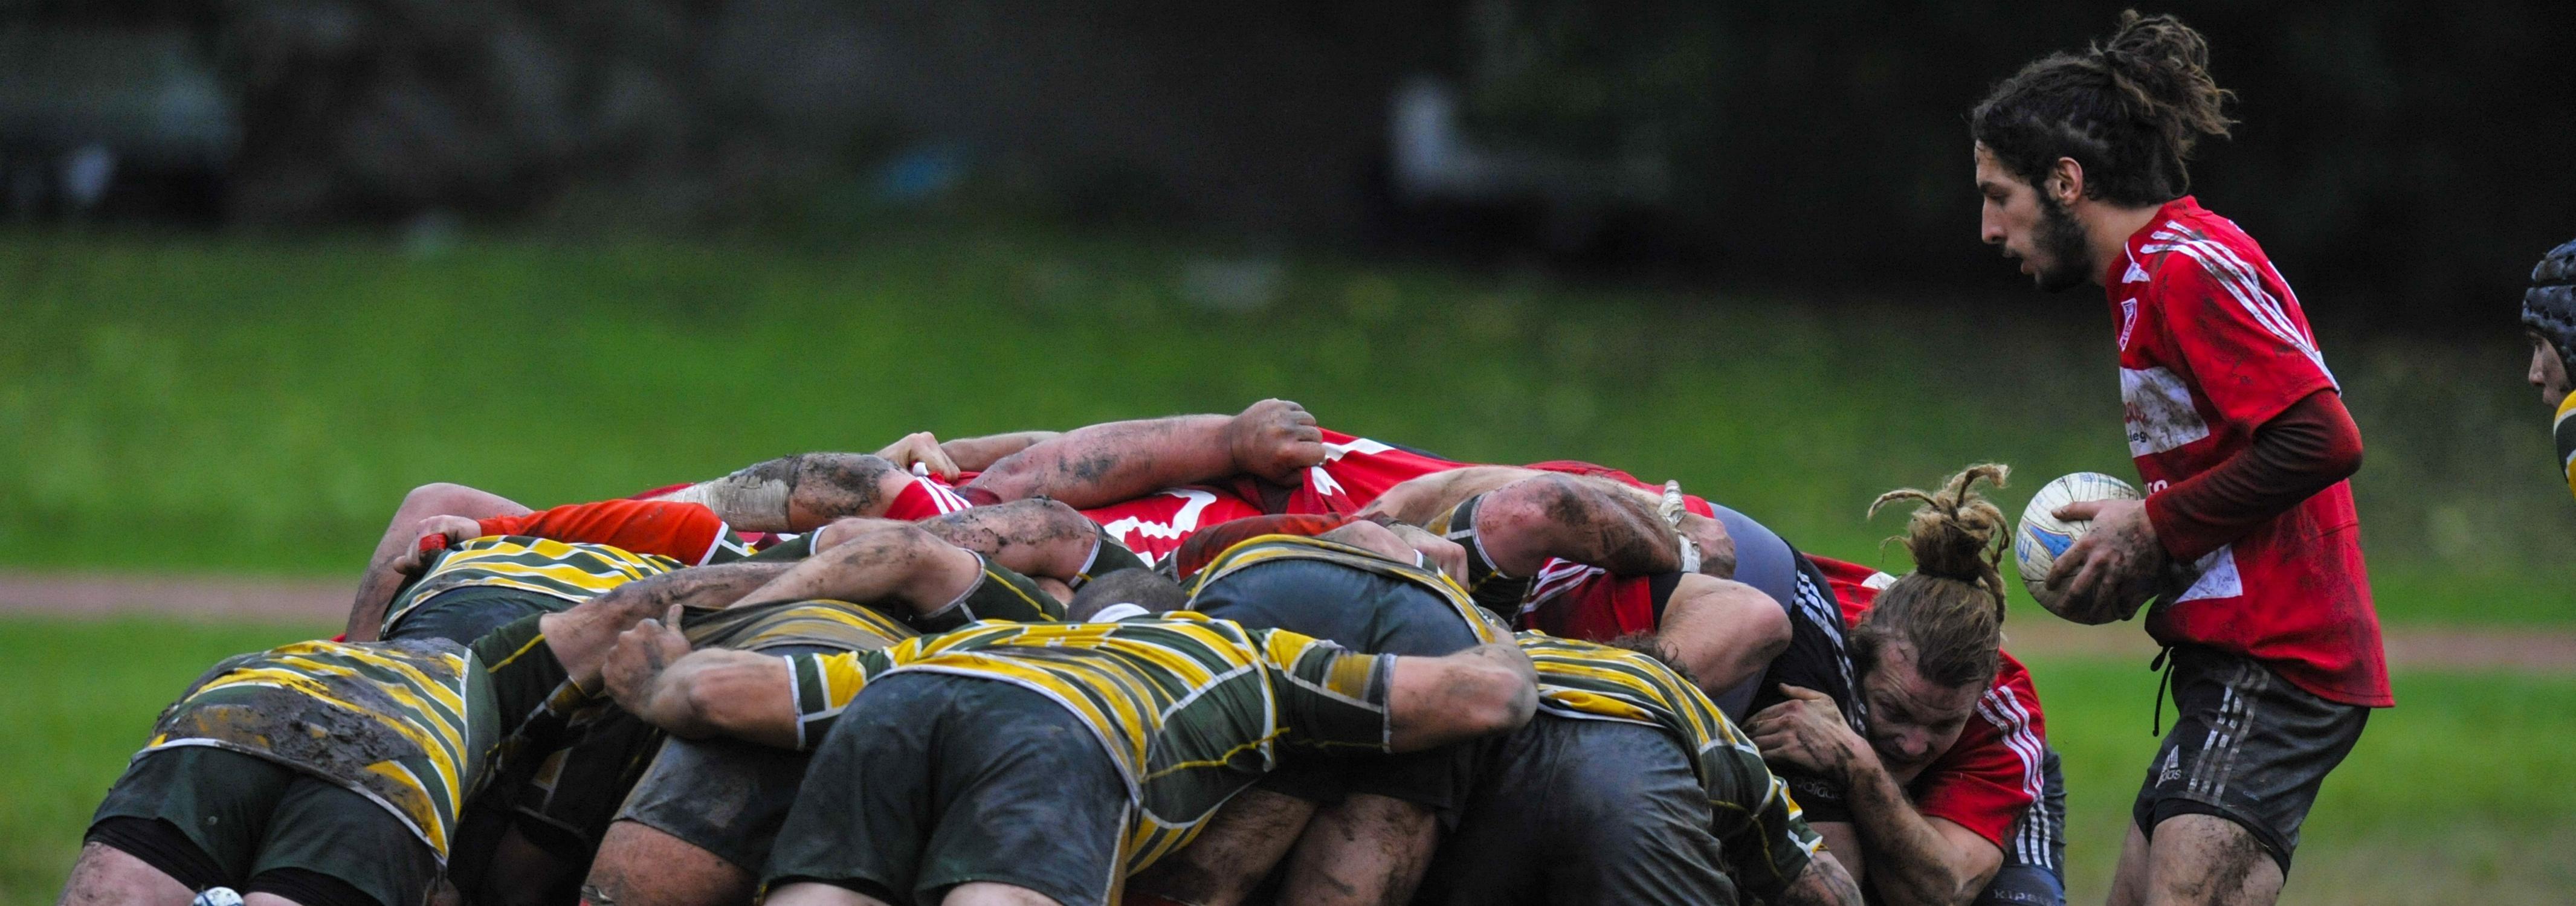 Foto de Rugby